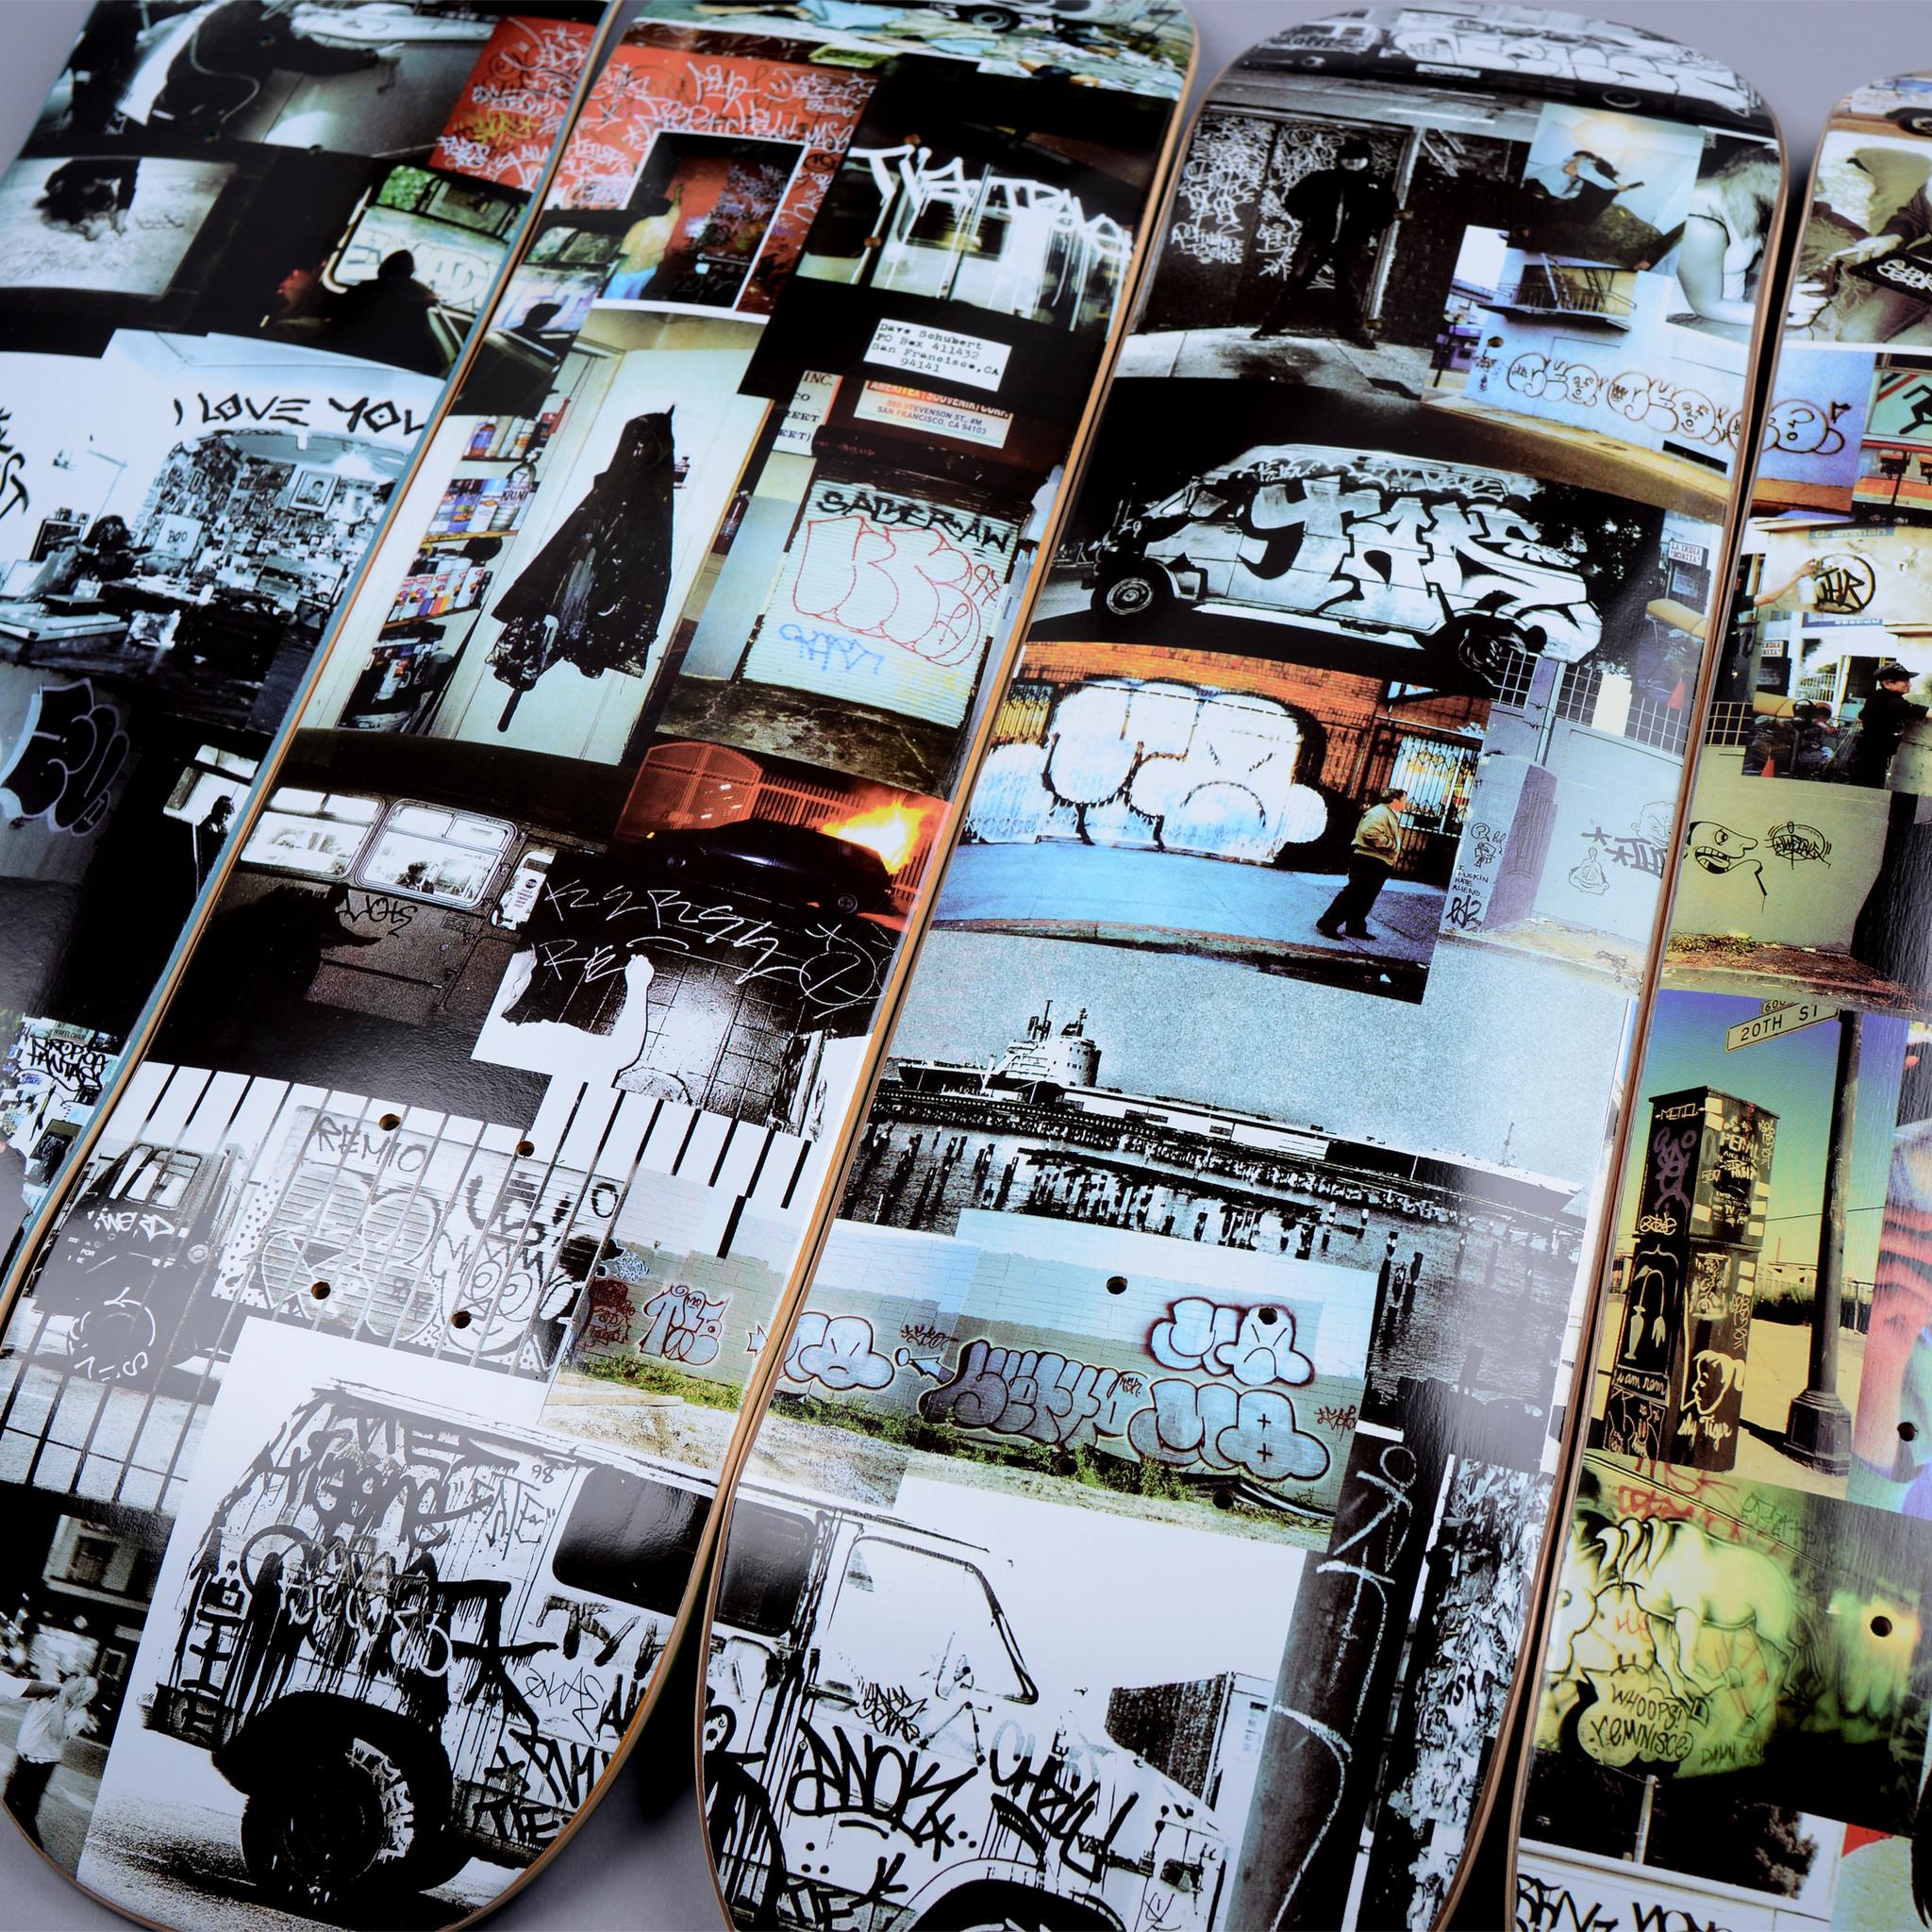 GX1000 Dave Schubert Grafffiti Decks online canada